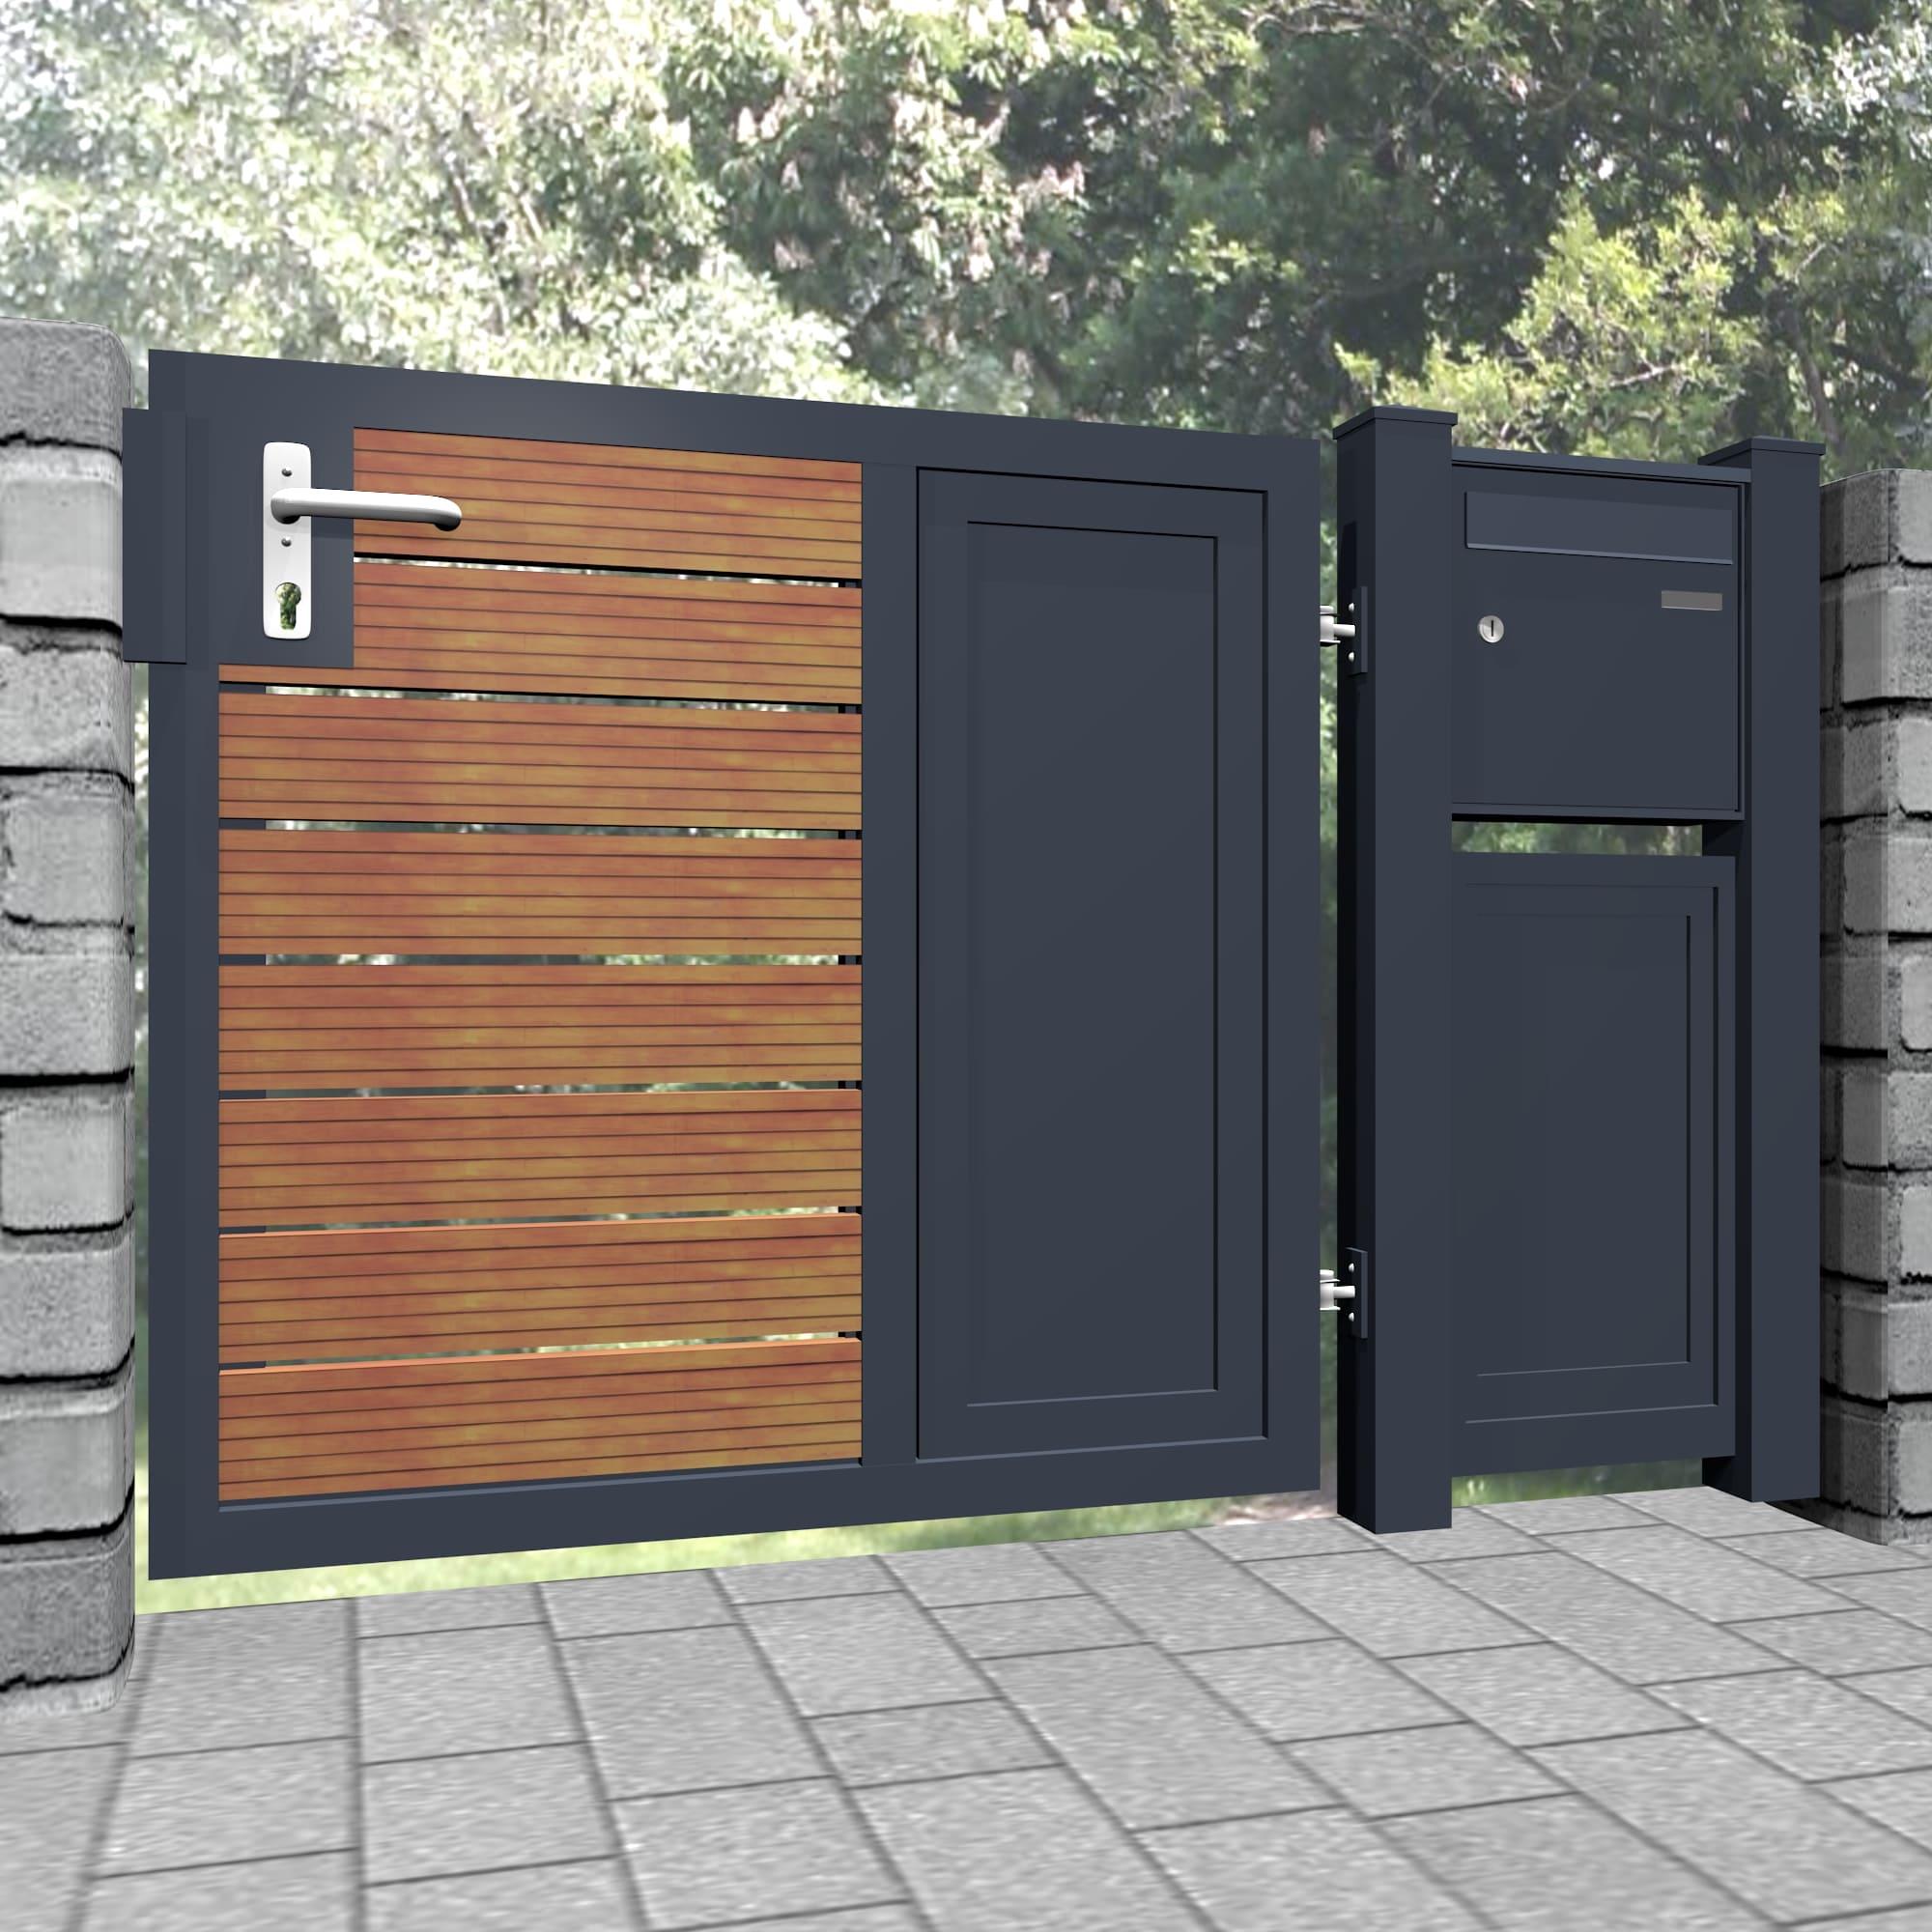 Gartentür Alu-Holz 1-flügelig Sichtschutz KSBHW, GE, BK